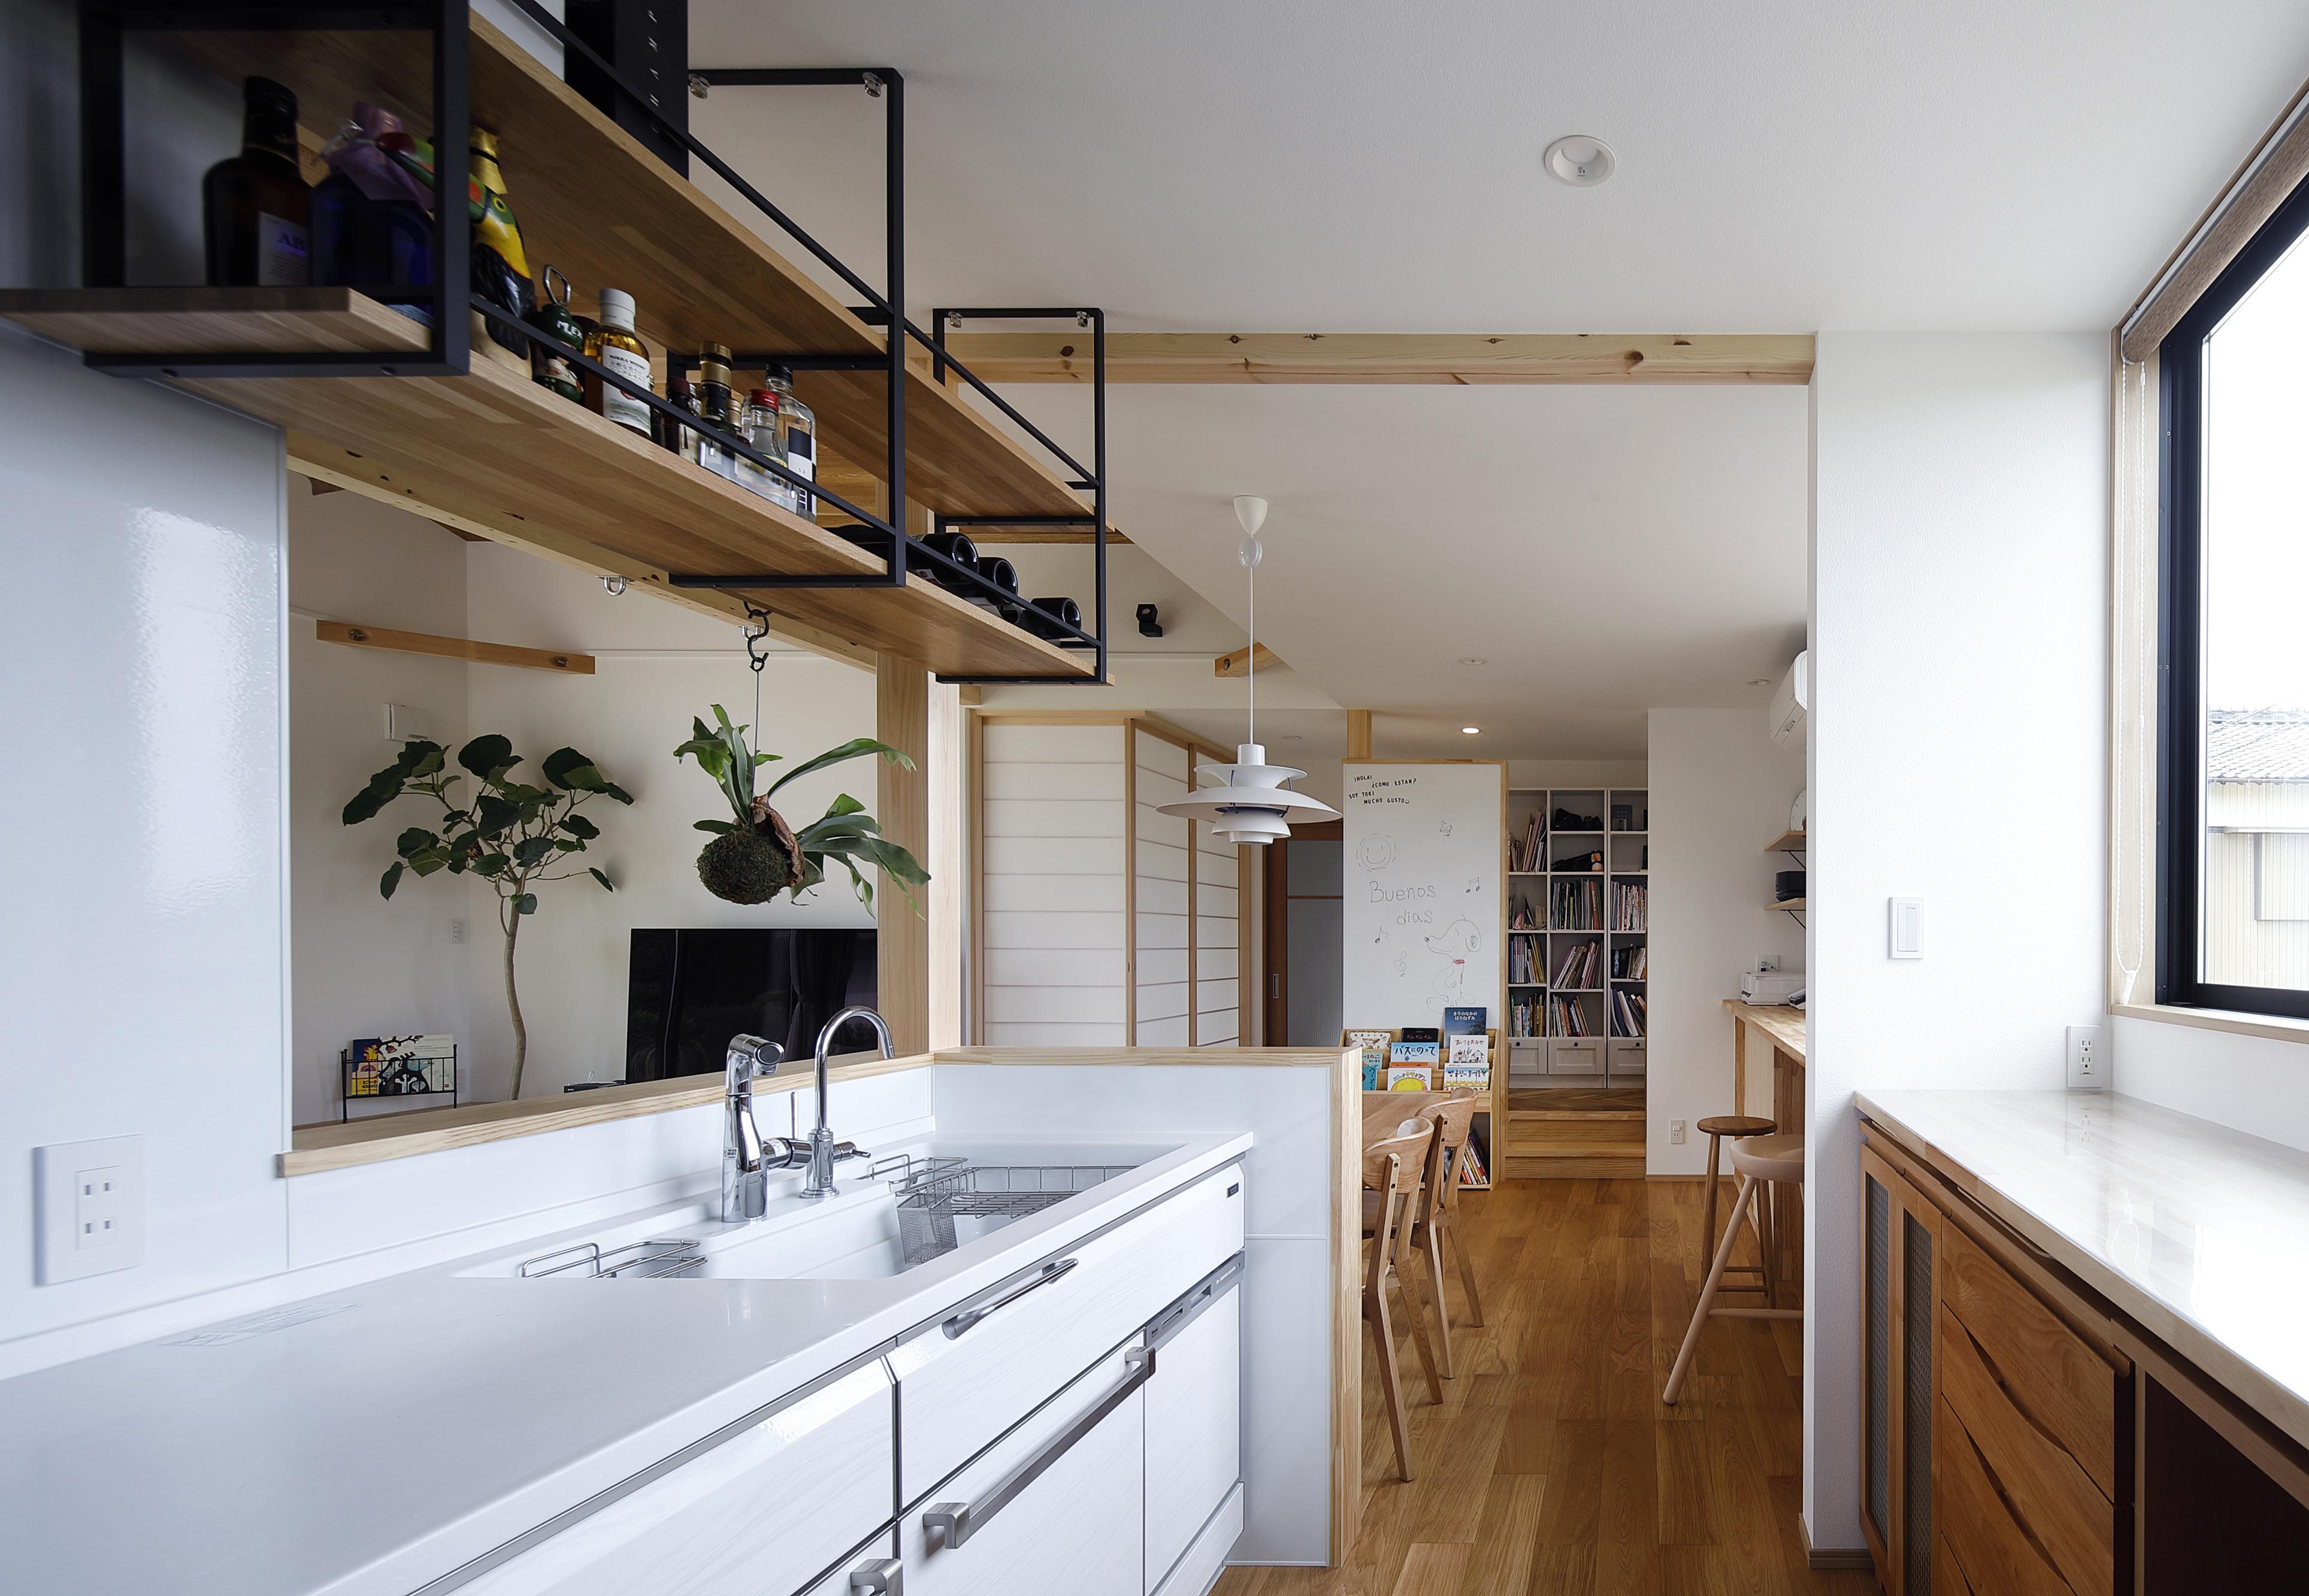 檜建設 エニーホーム【デザイン住宅、趣味、建築家】キッチンは日当たりも良く、ダイニングが隣にあるためスムーズに食事をすることが出来る